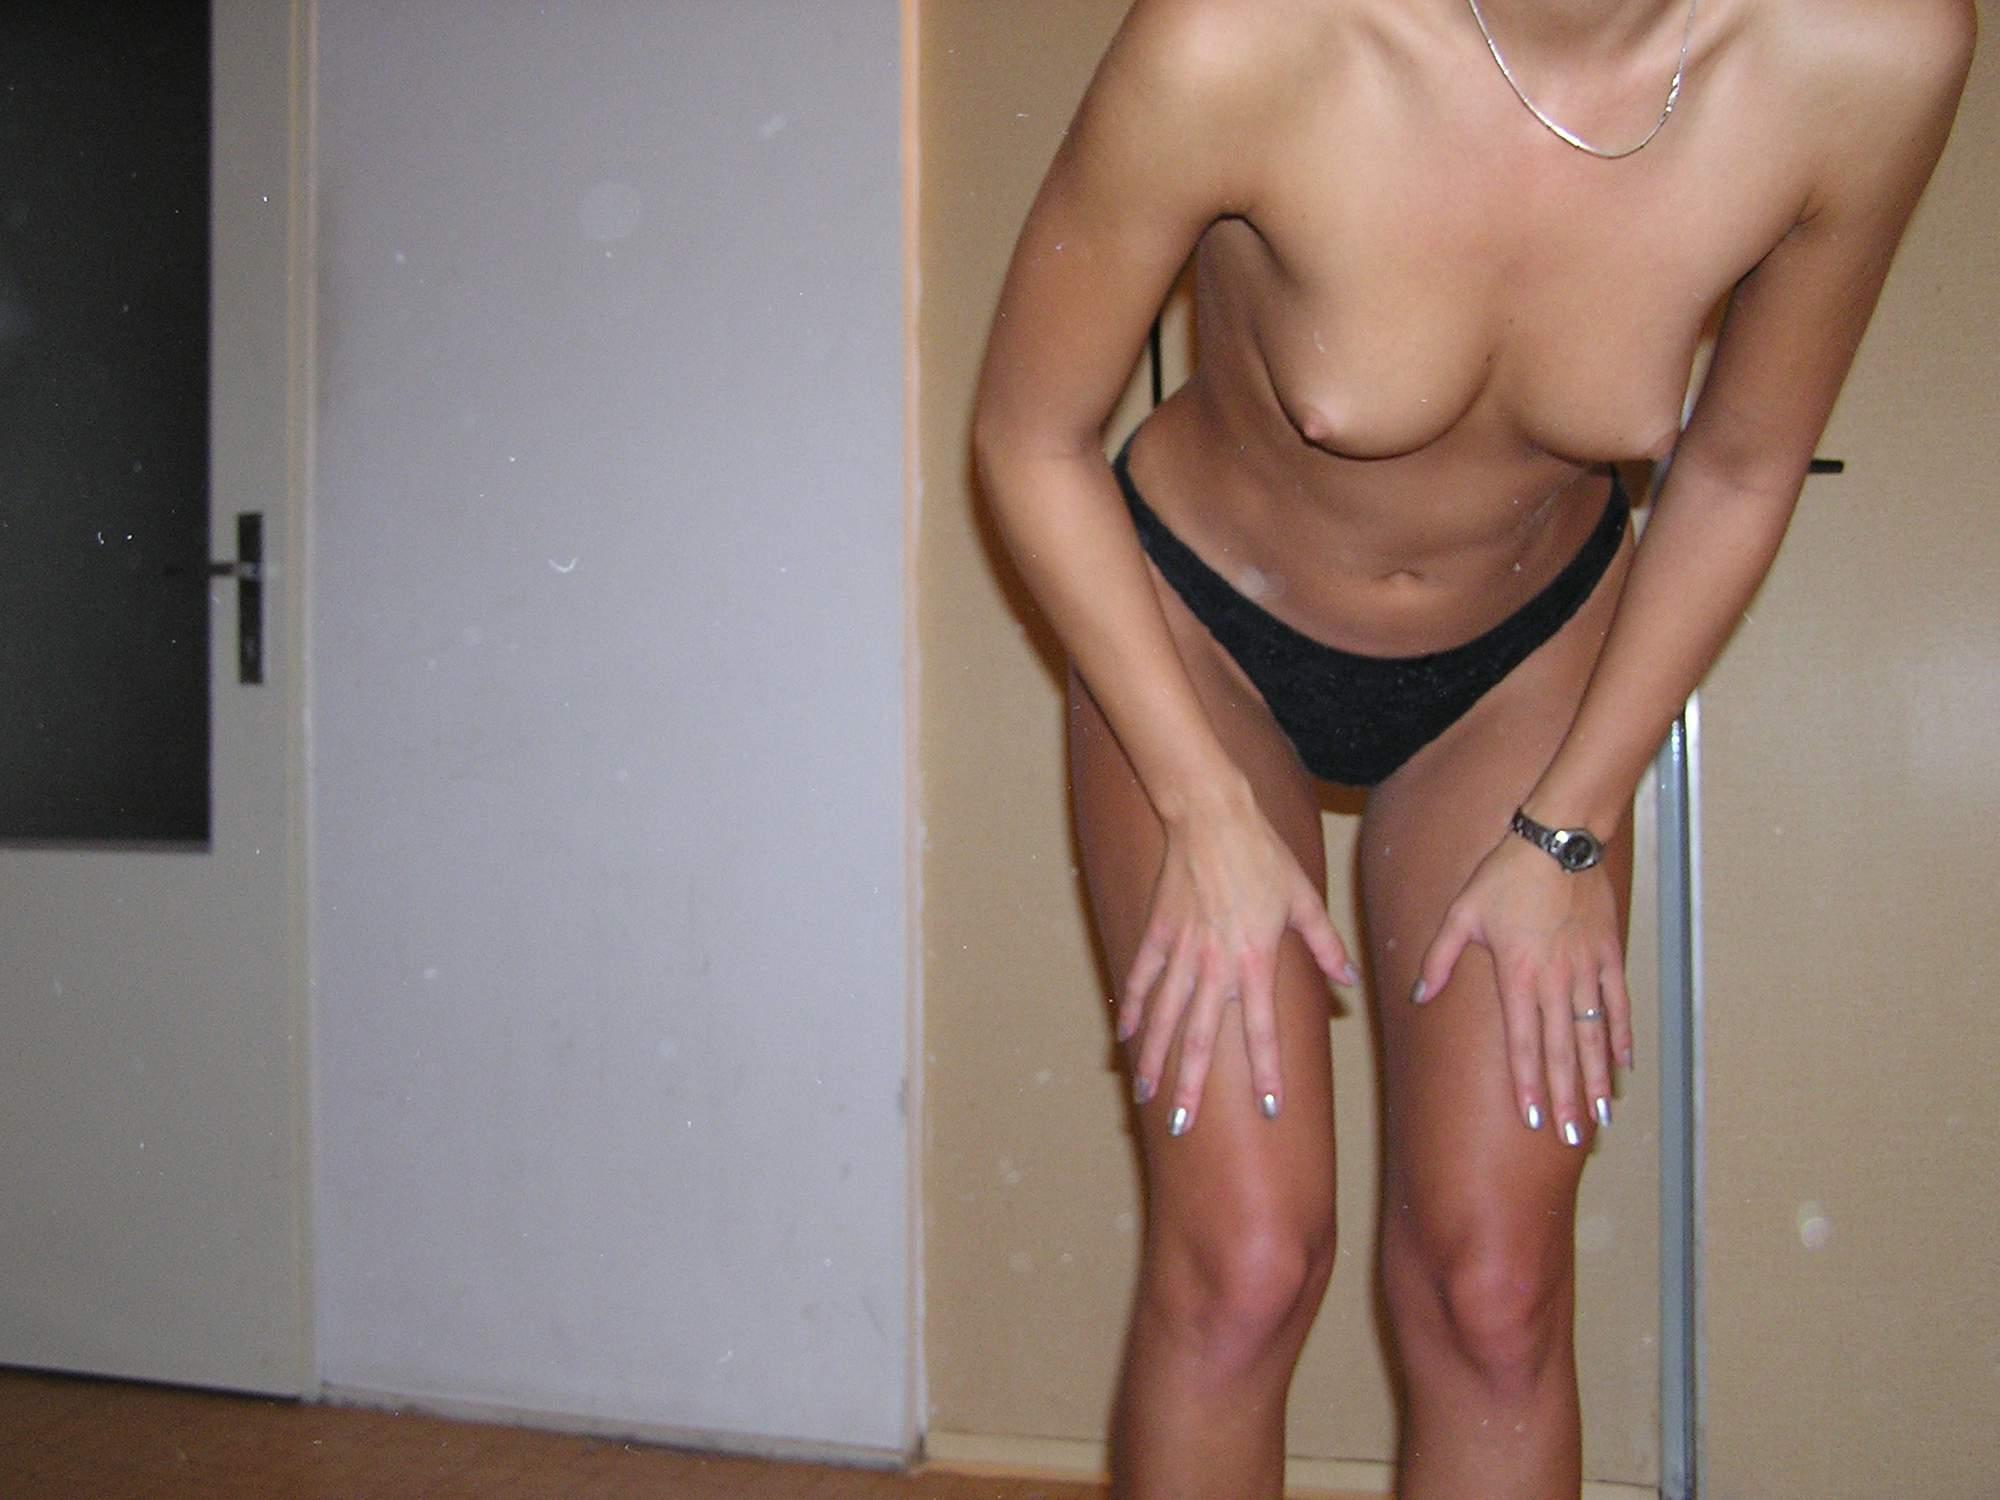 http://img20.rajce.idnes.cz/d2001/13/13300/13300599_db0162368d46d681434a4cd79b4f4245/images/50966_P1010043_123_584lo.jpg